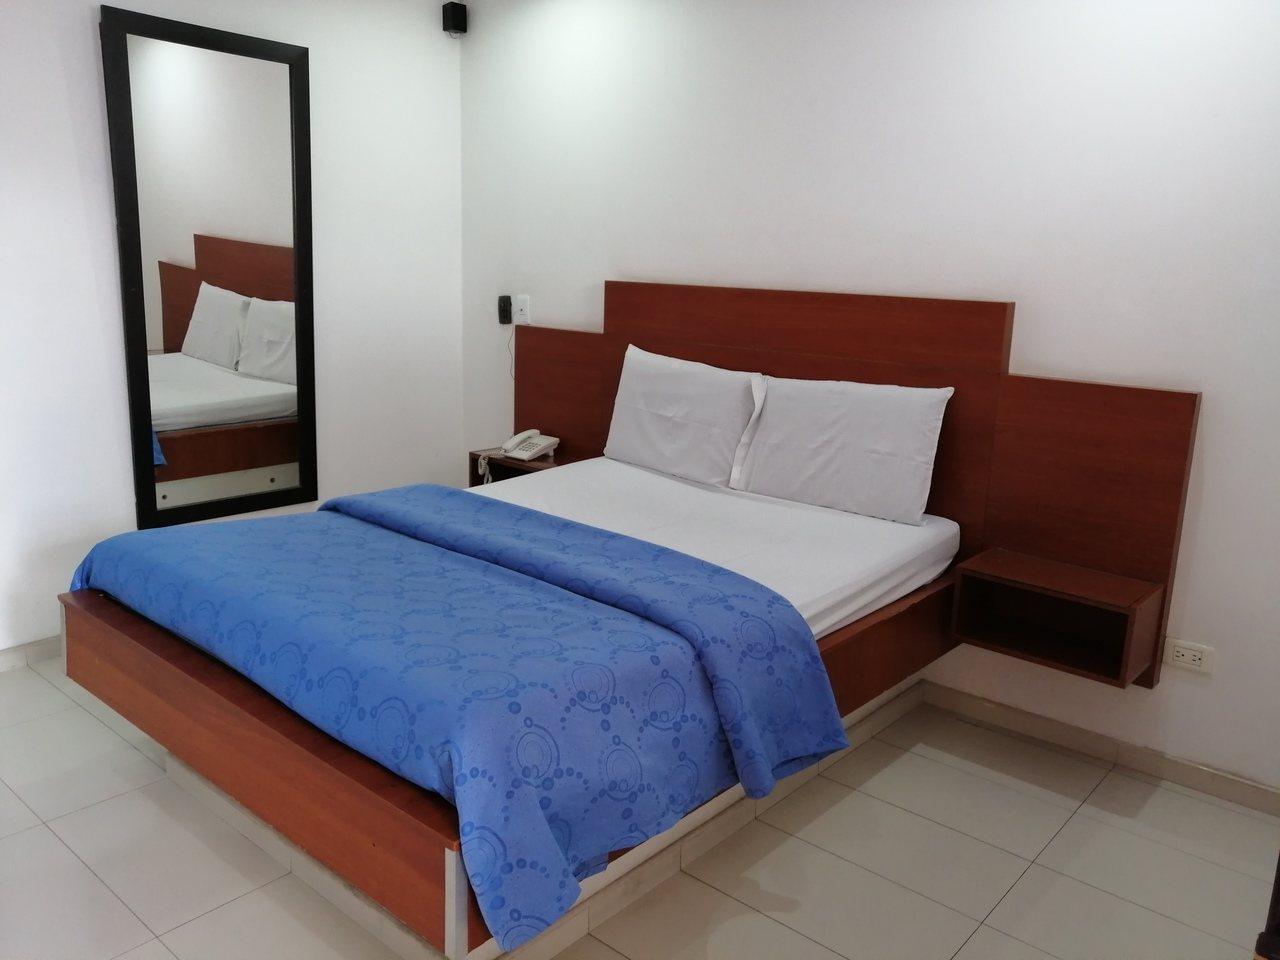 Habitación Sencilla en Blue International : MotelNow